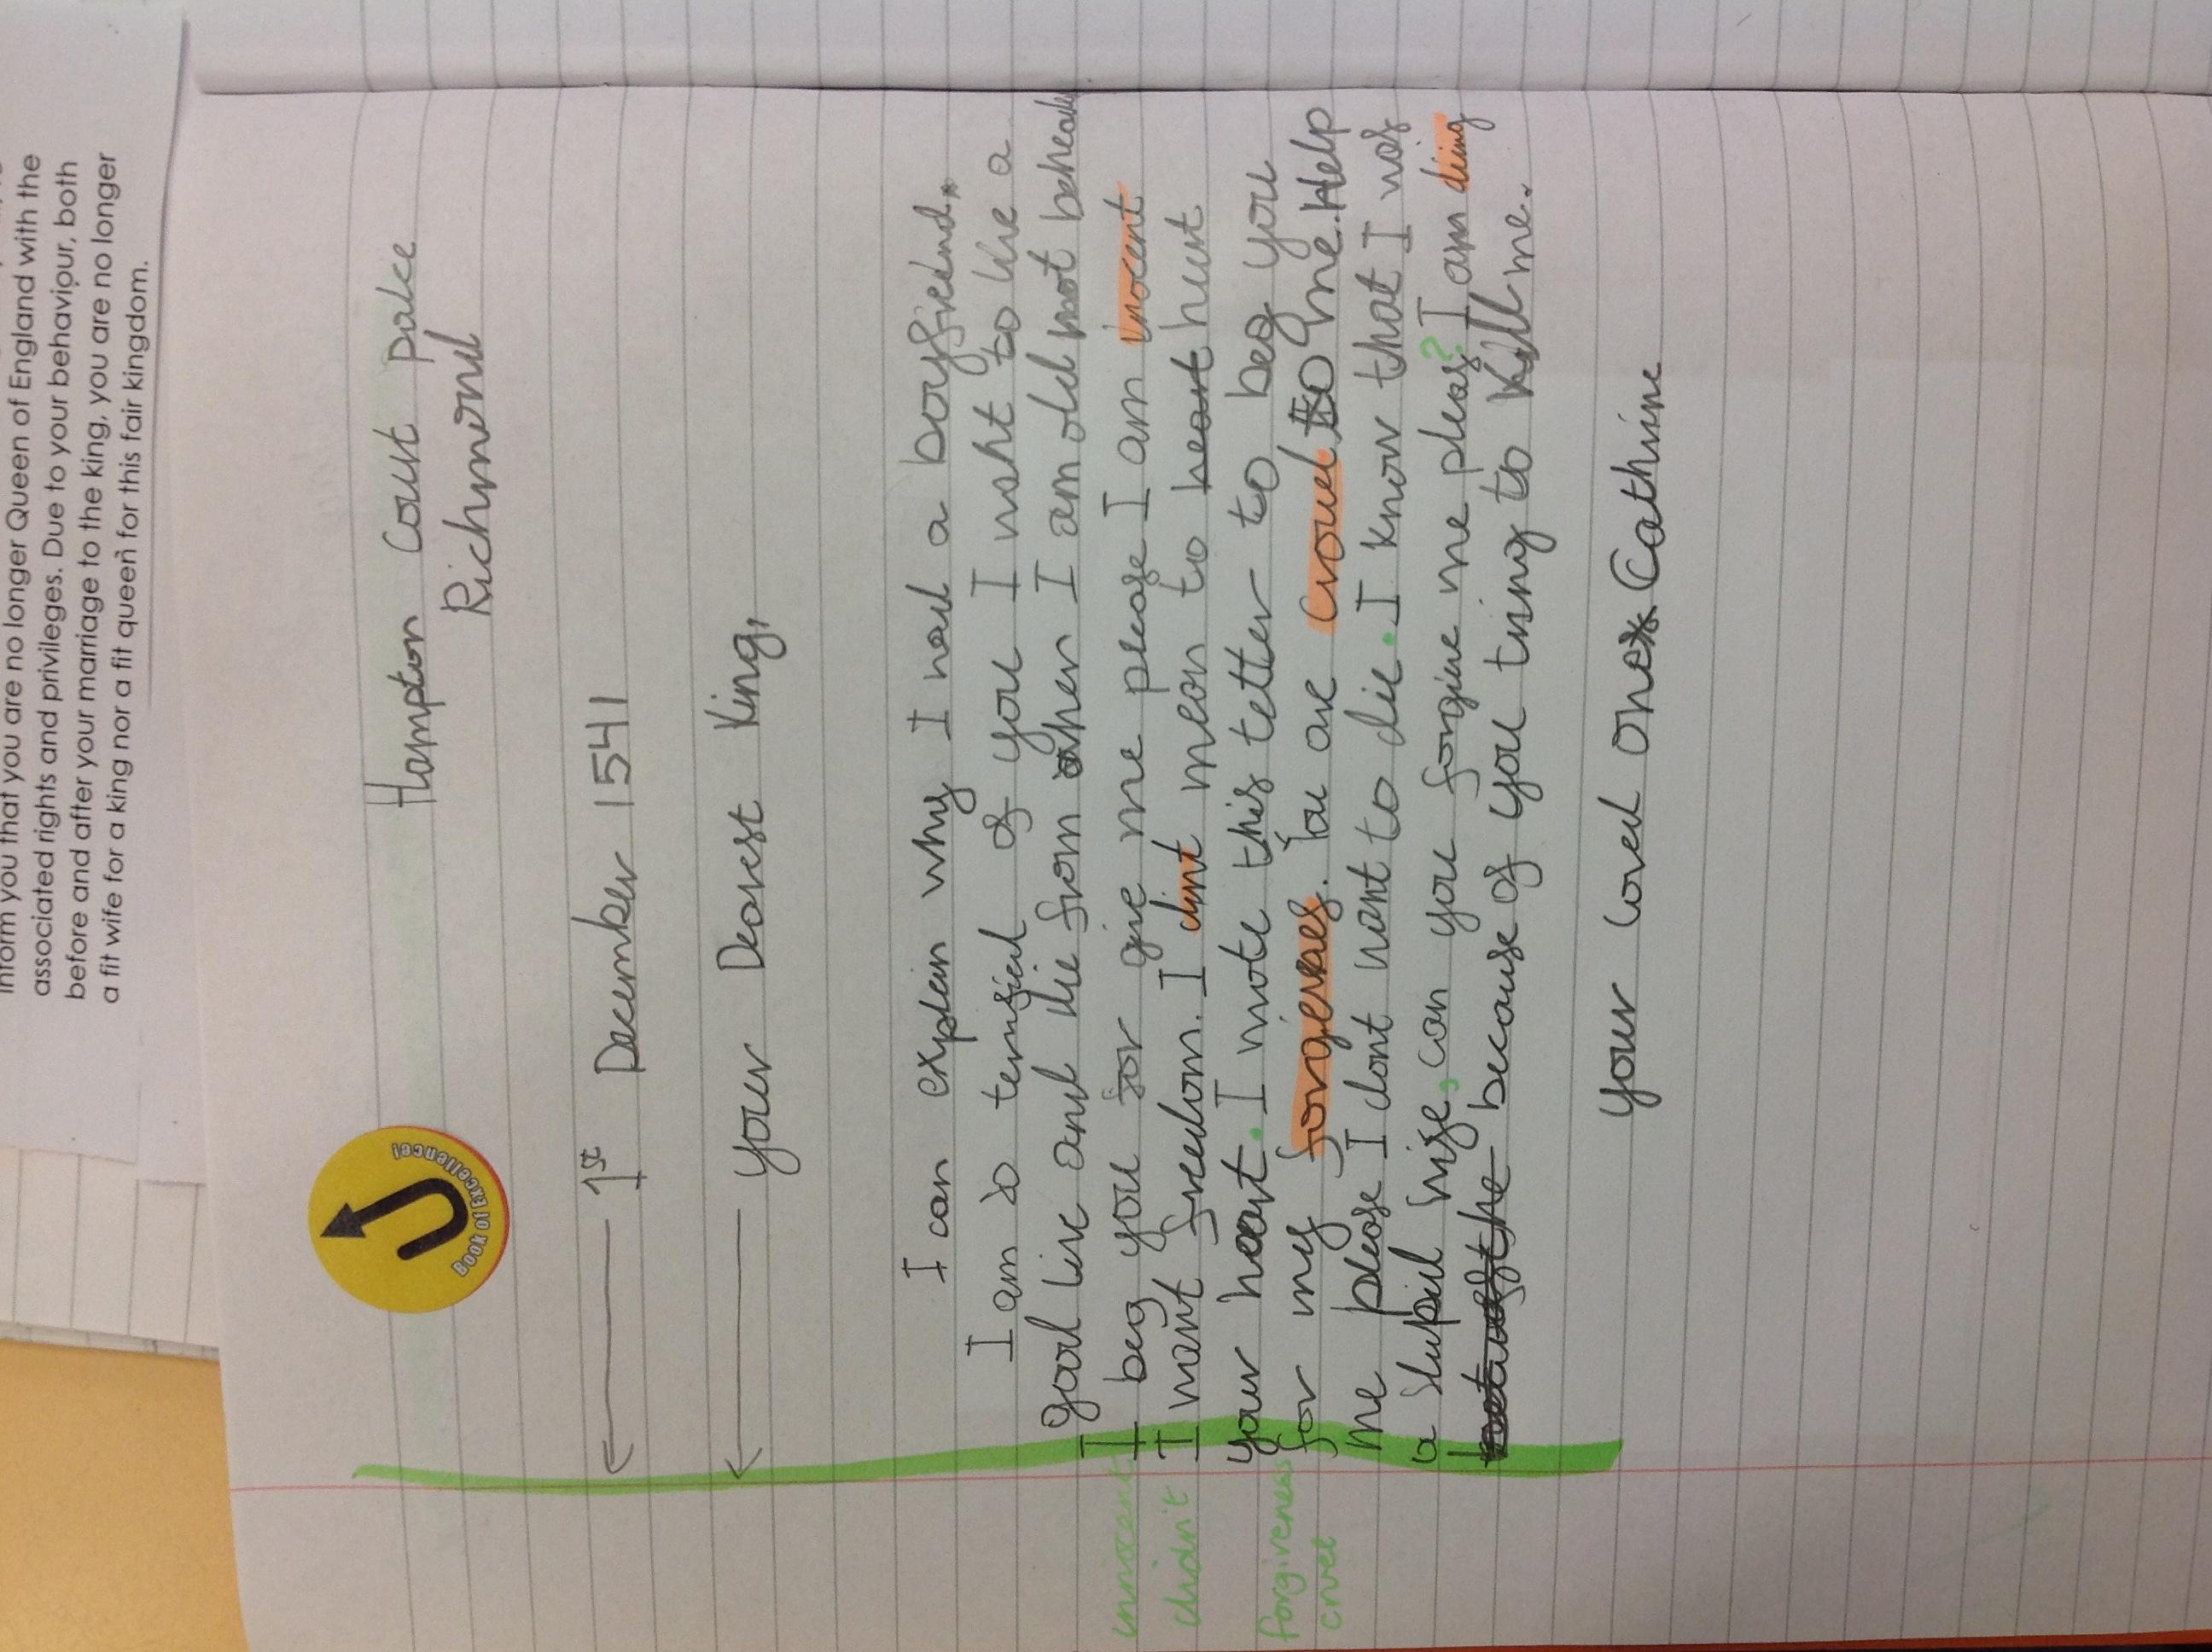 Fedir's brilliant writing!